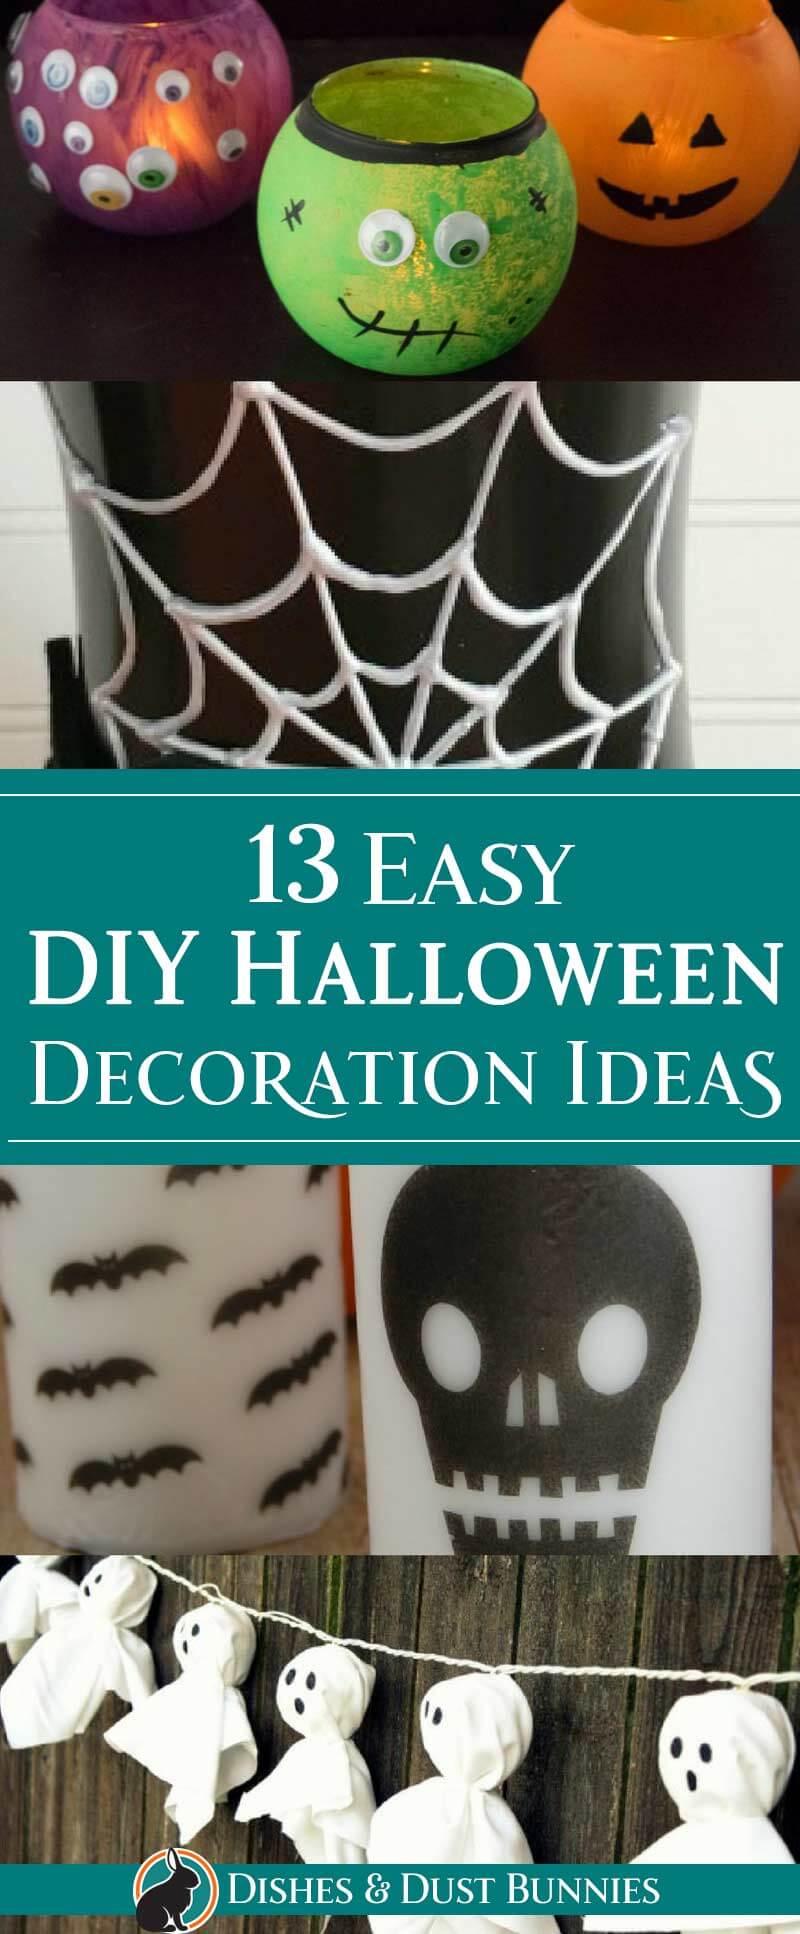 13 Easy DIY Halloween Decoration Ideas - dishesanddustbunnies.com